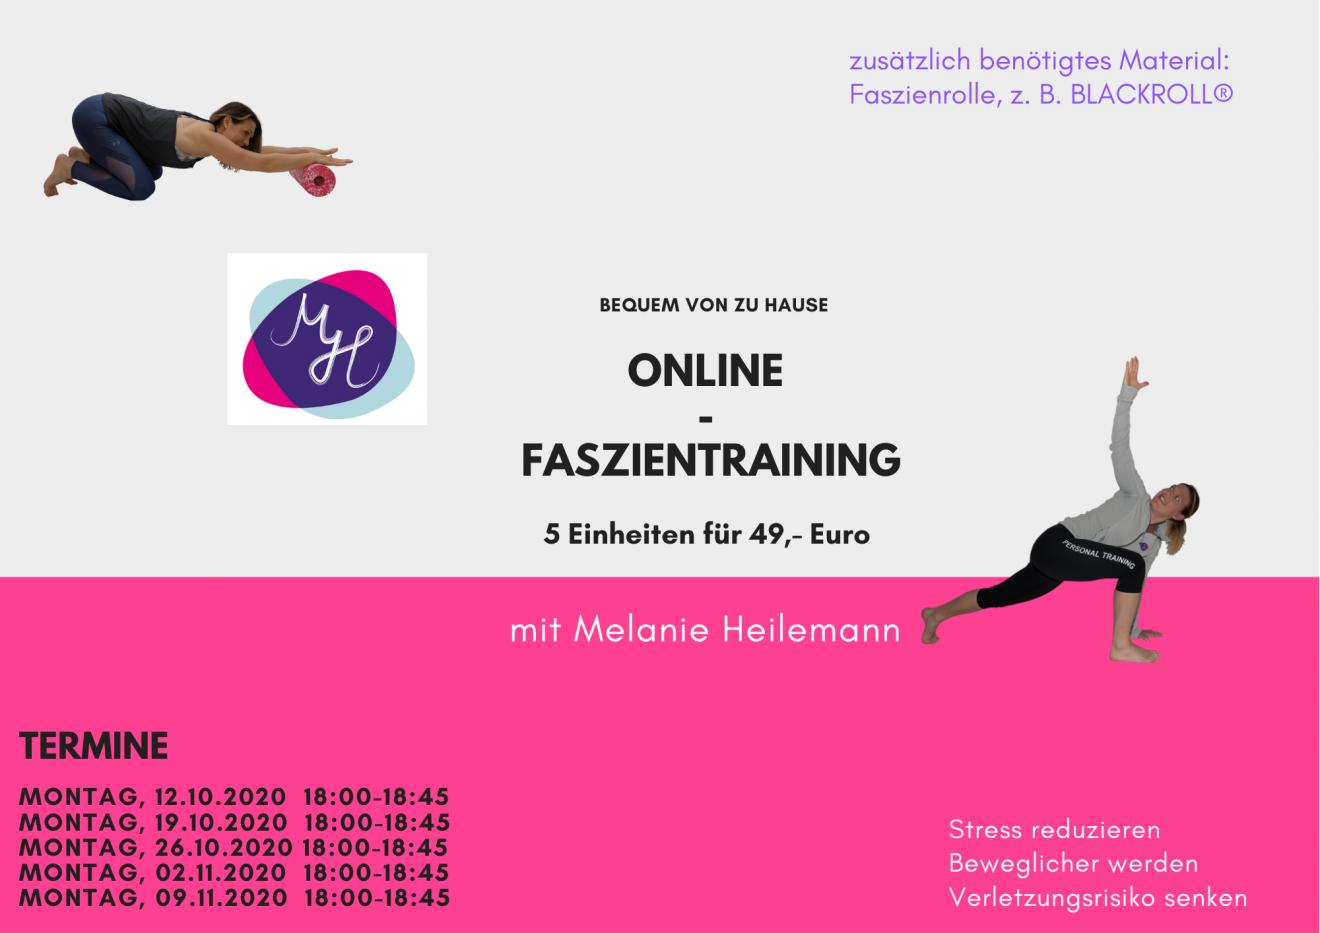 Online Faszientraining